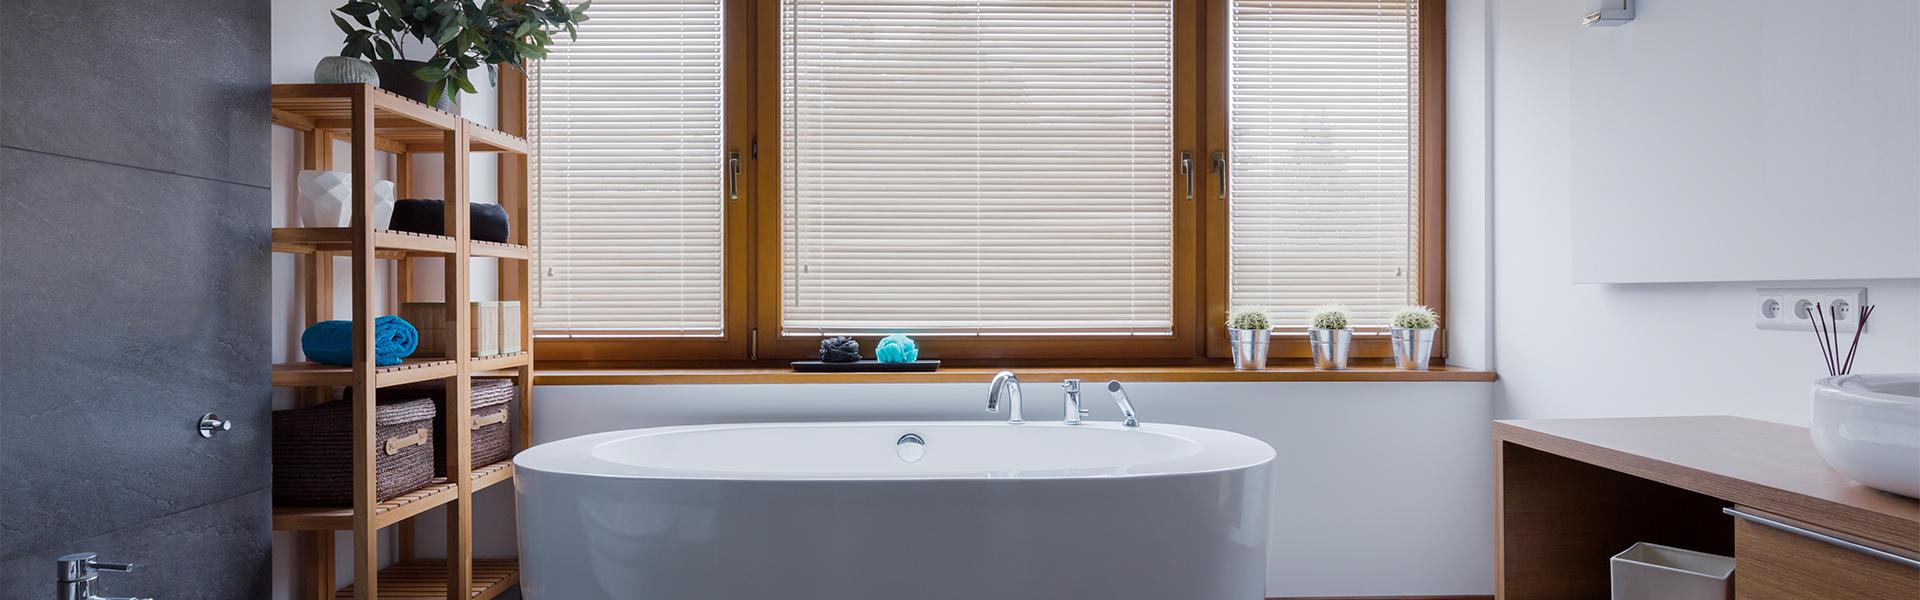 otto colmesch heizung lüftung sanitär badezimmer